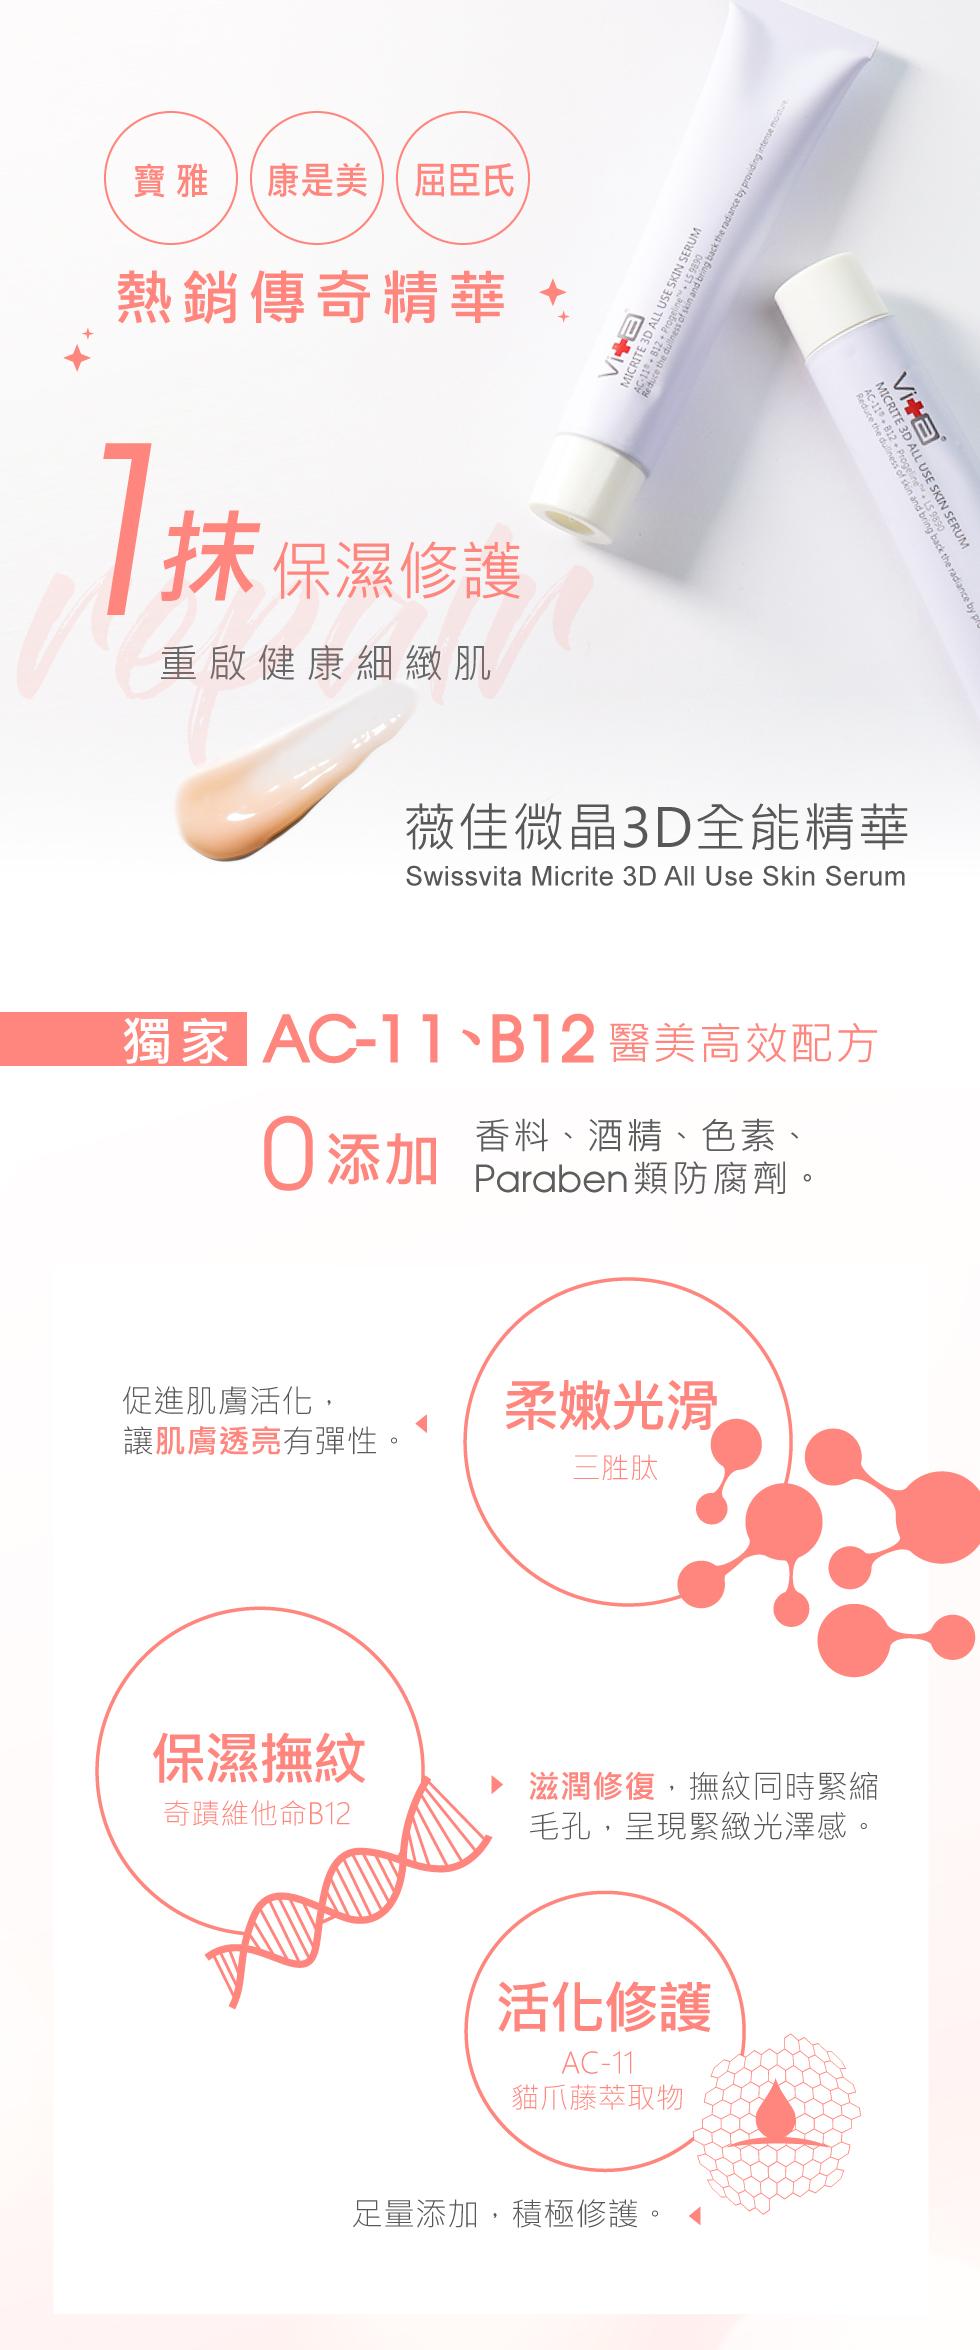 薇佳微晶3D全能精華 神奇維他命精華 肌膚急救方案 敏感 脫皮 細紋 痘痘 暗沈 乾燥 敏感肌 痘疤